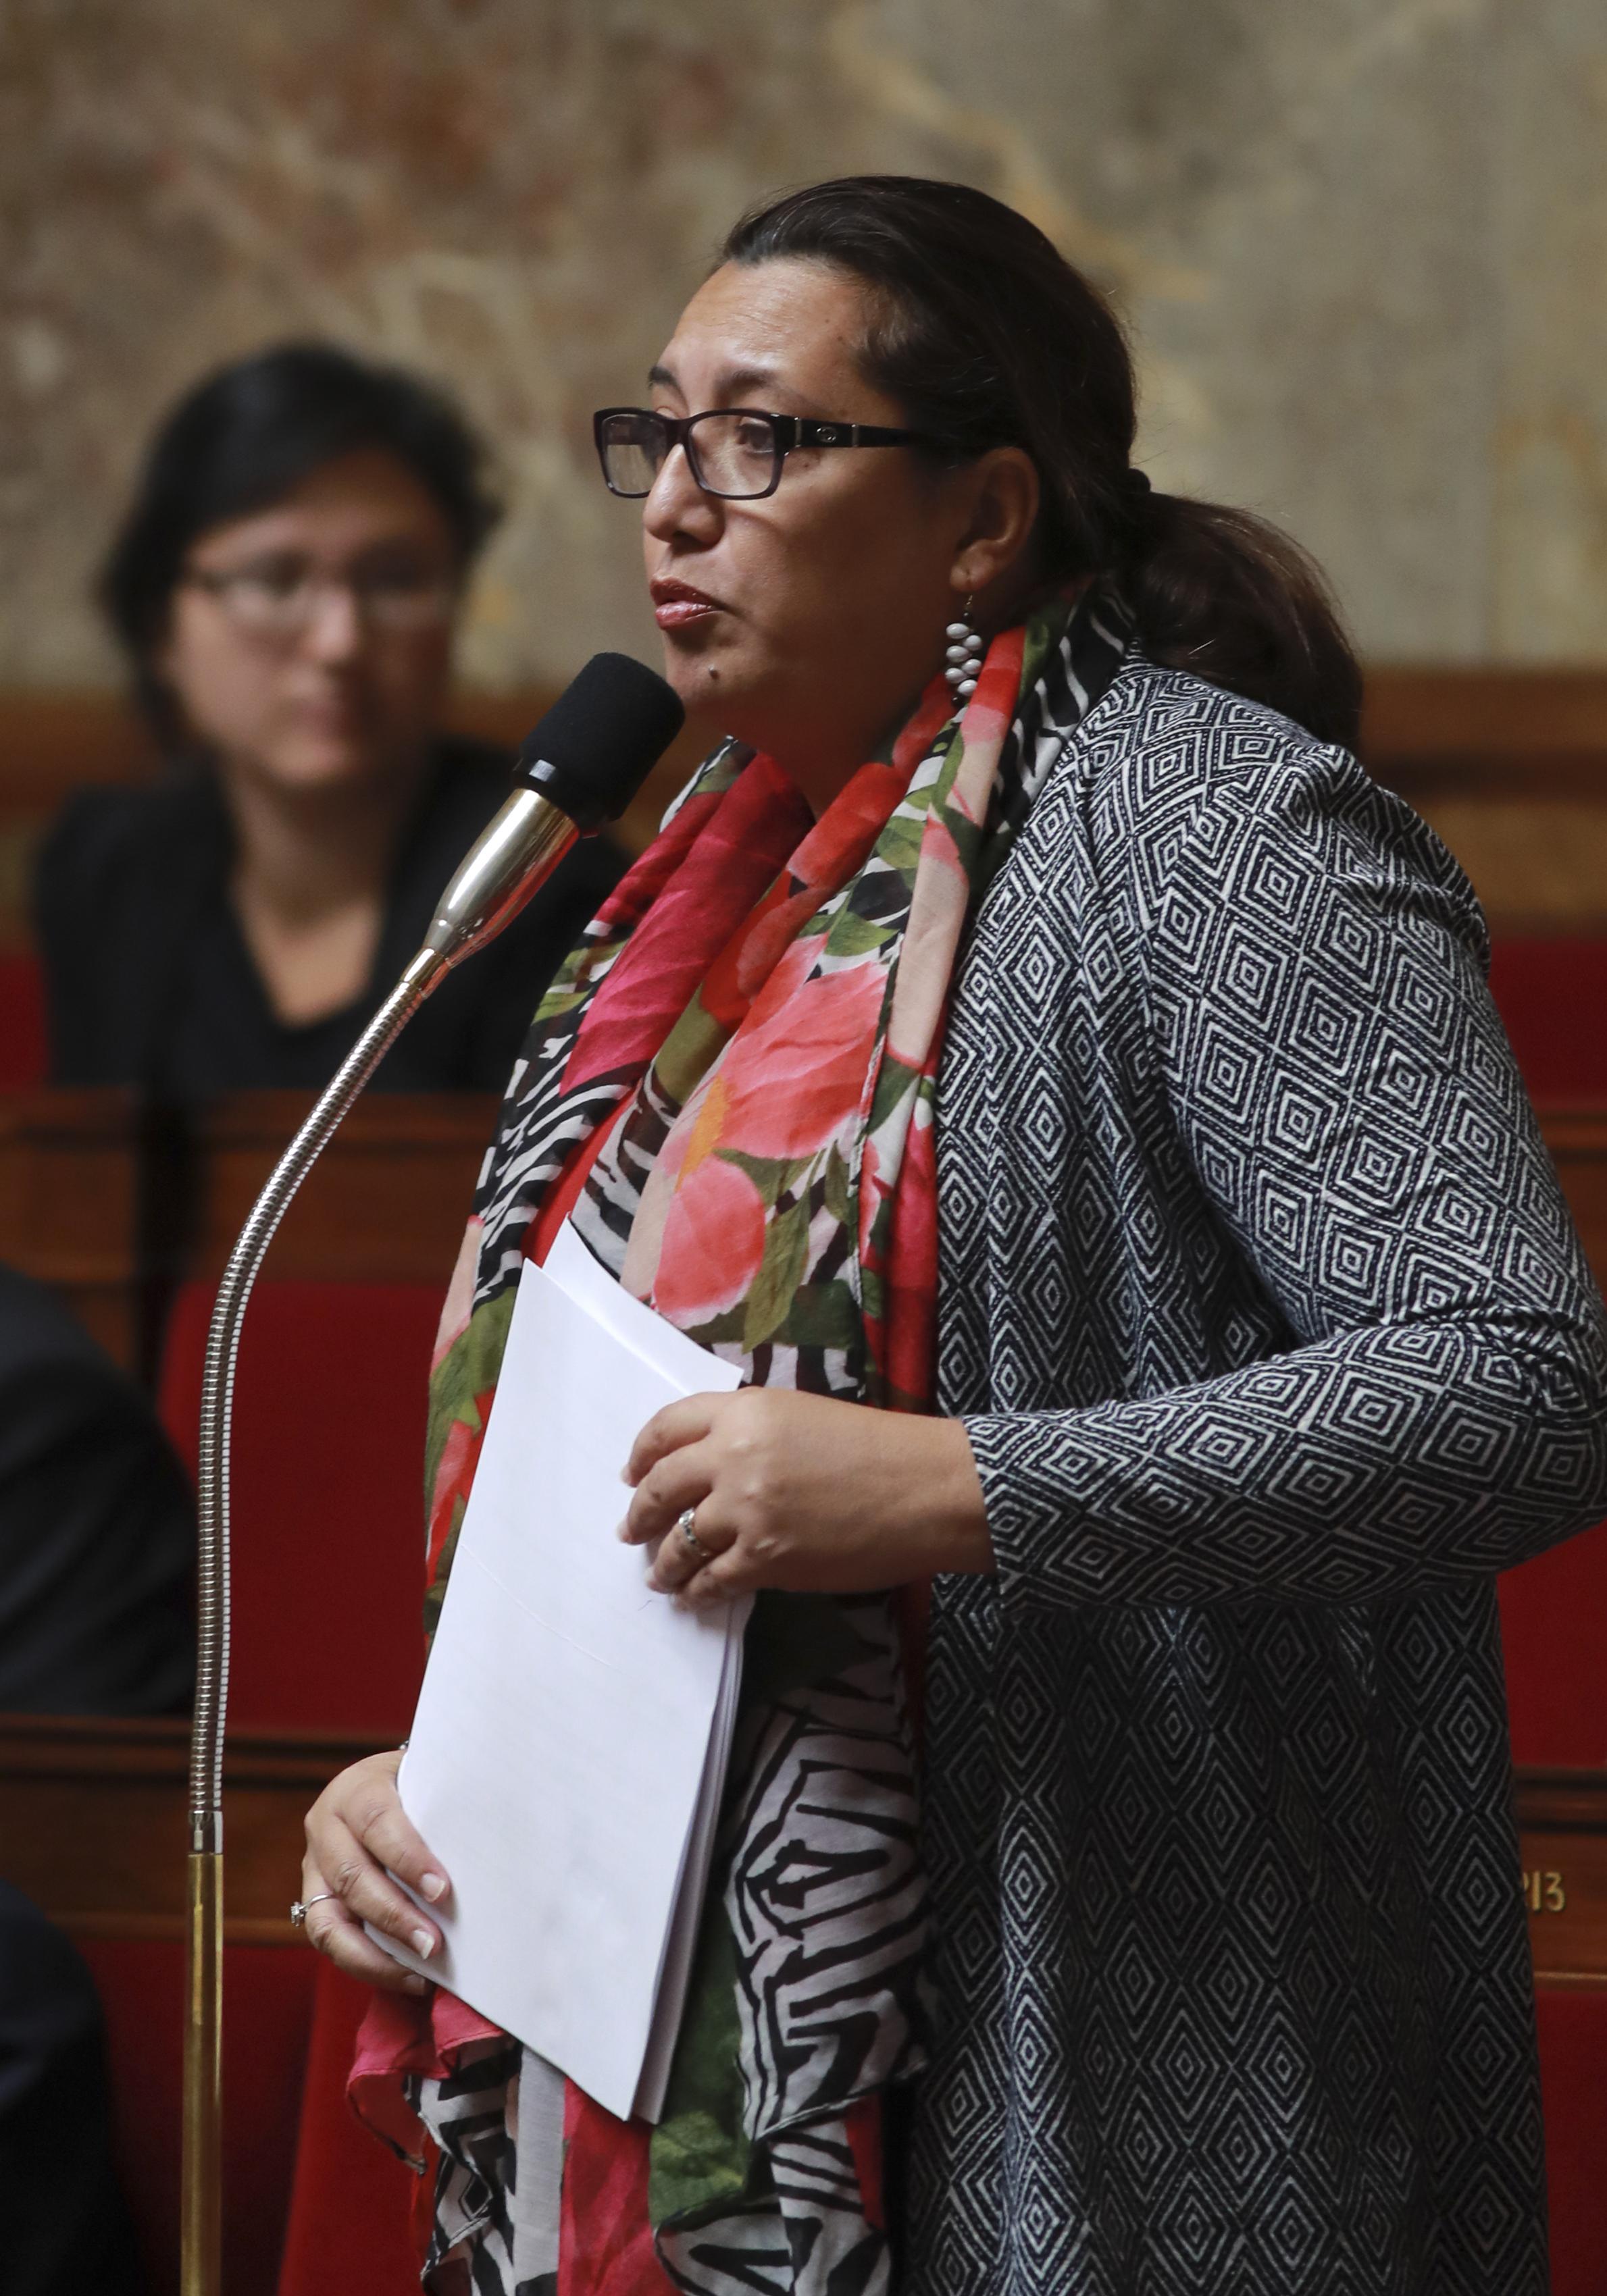 156 députés, dont Maina Sage, appellent à légiférer sur l'euthanasie